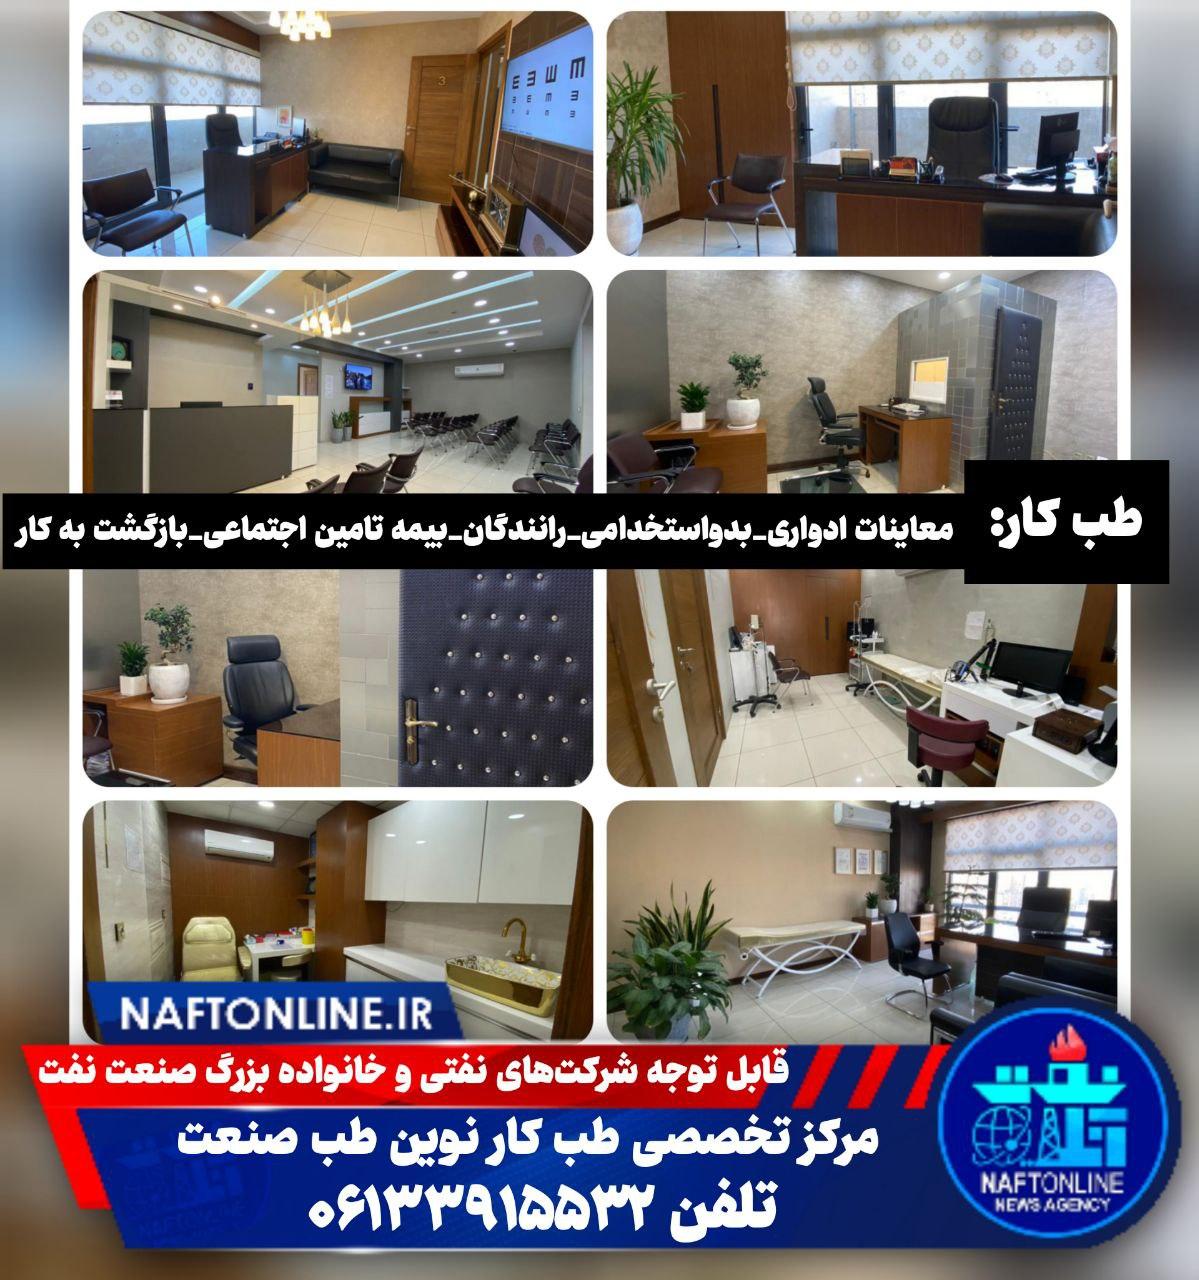 مرکز تخصصی طب کار نوین طب صنعت